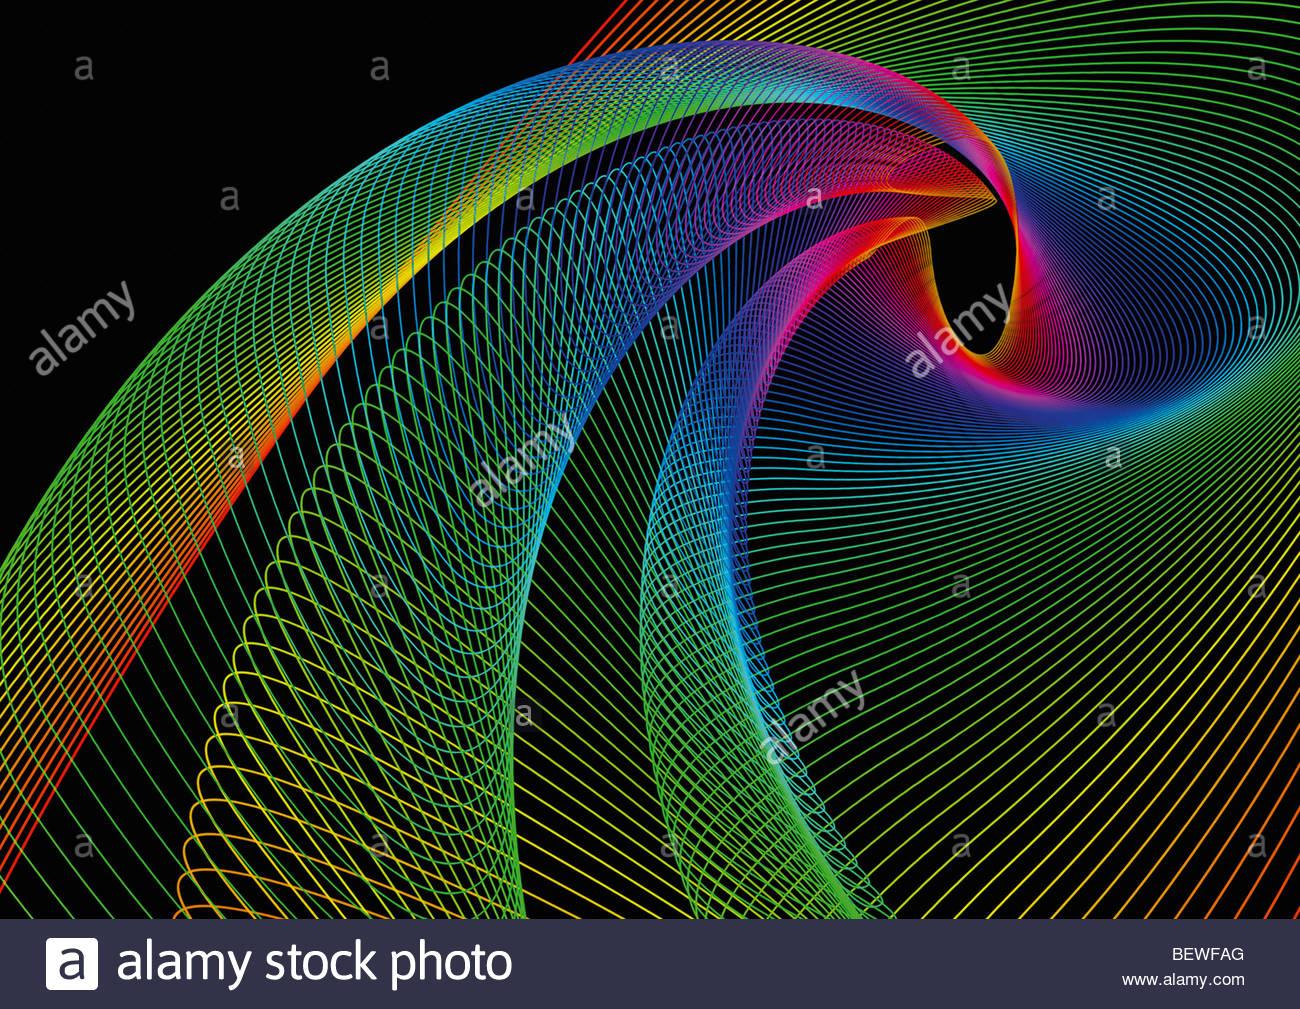 Wirbelnden Regenbogen farbige Linien Stockbild